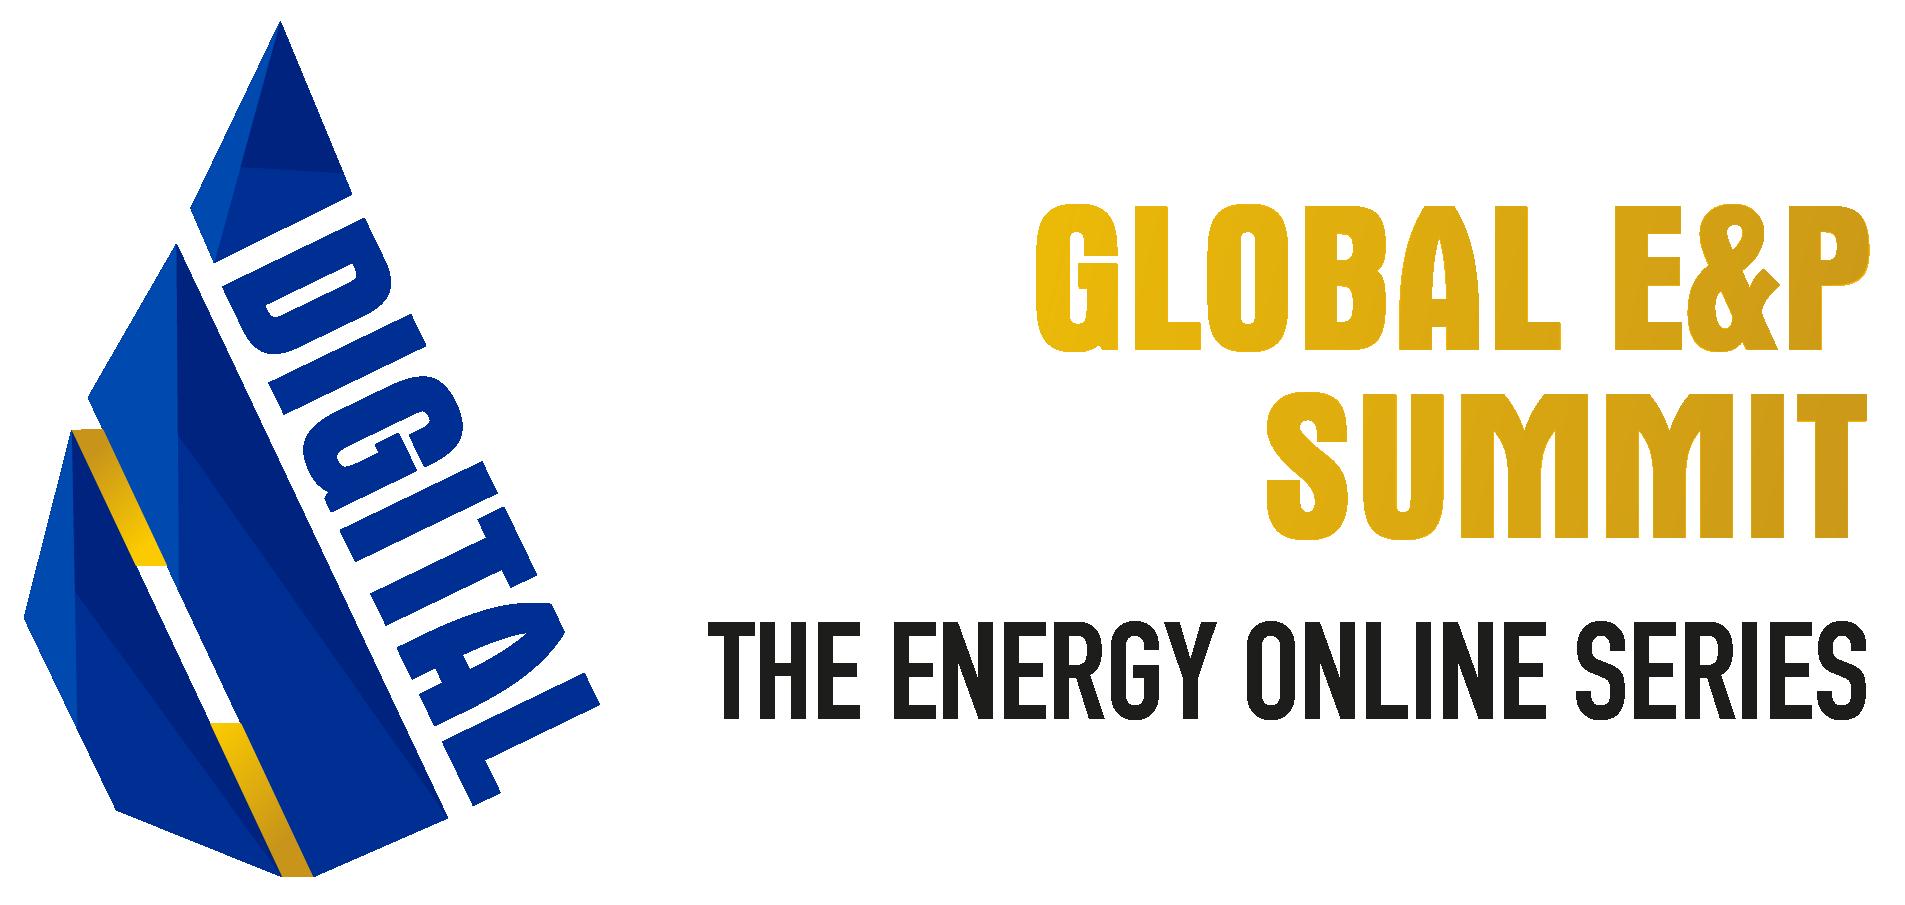 GE&P_Online_Logo